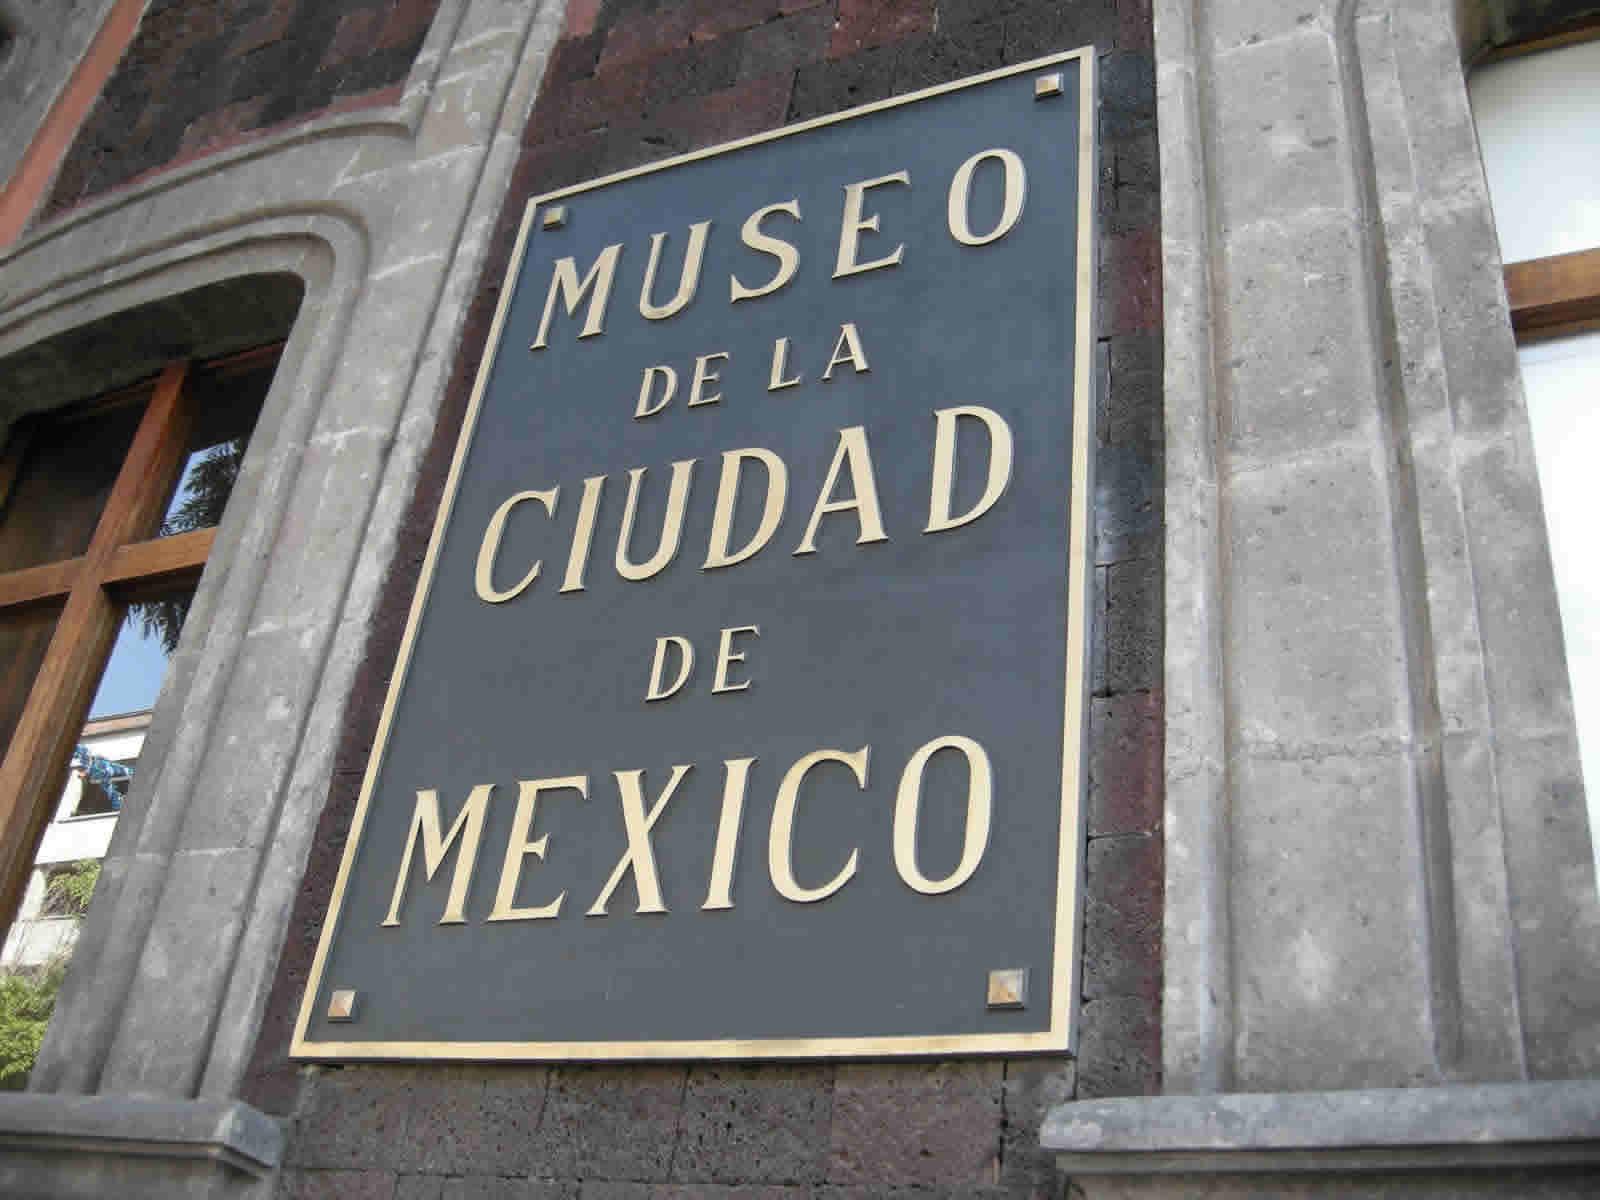 Presentan proyecto local de Ley de Espacios Culturales Independientes en el Museo de la Ciudad